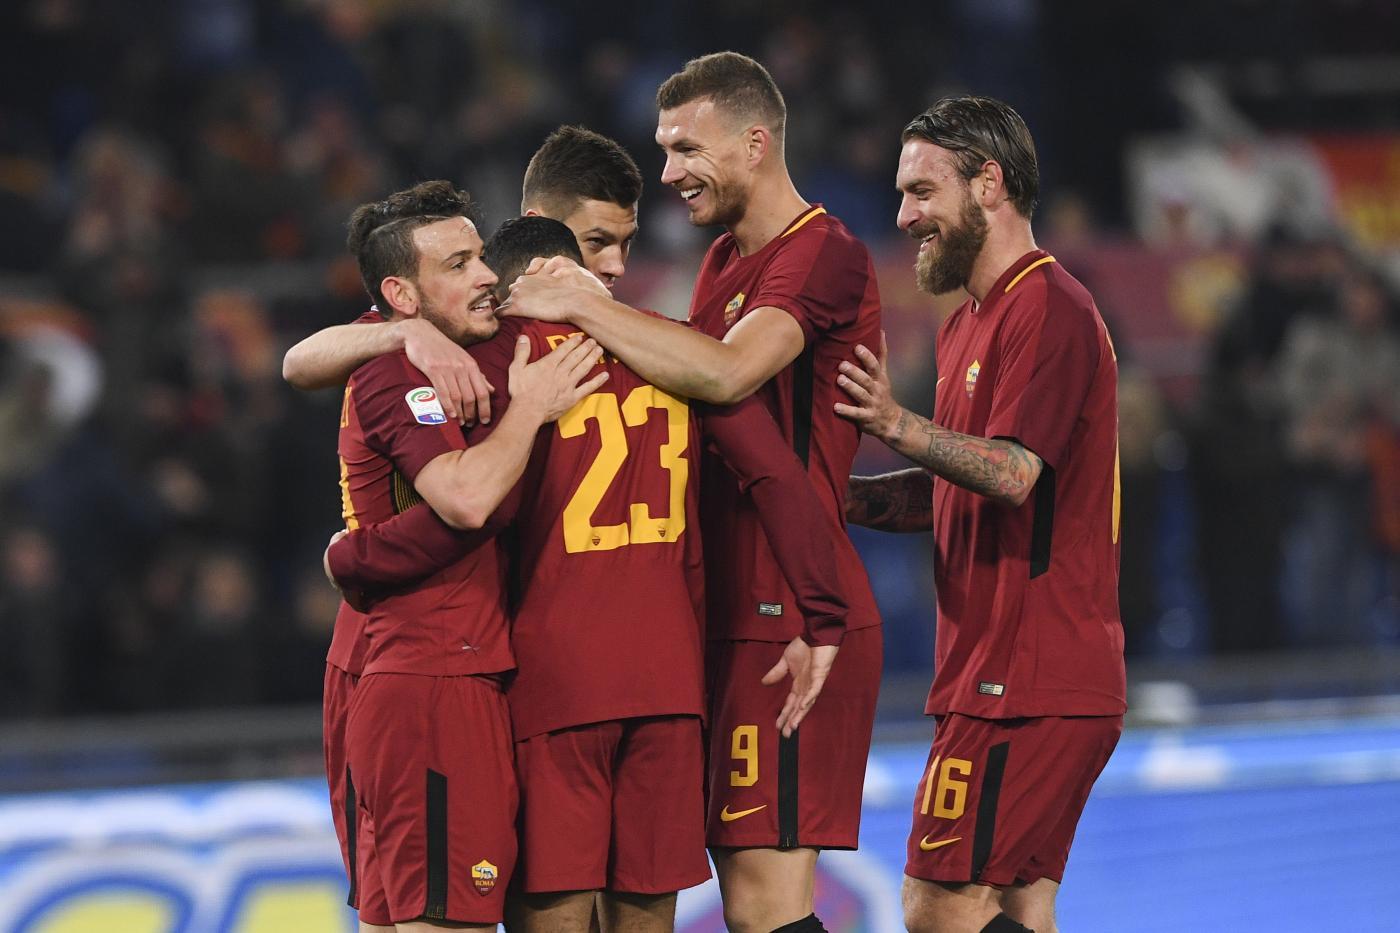 Shakhtar-Roma 21 febbraio, analisi, probabili formazioni e pronostico Champions League andata ottavi